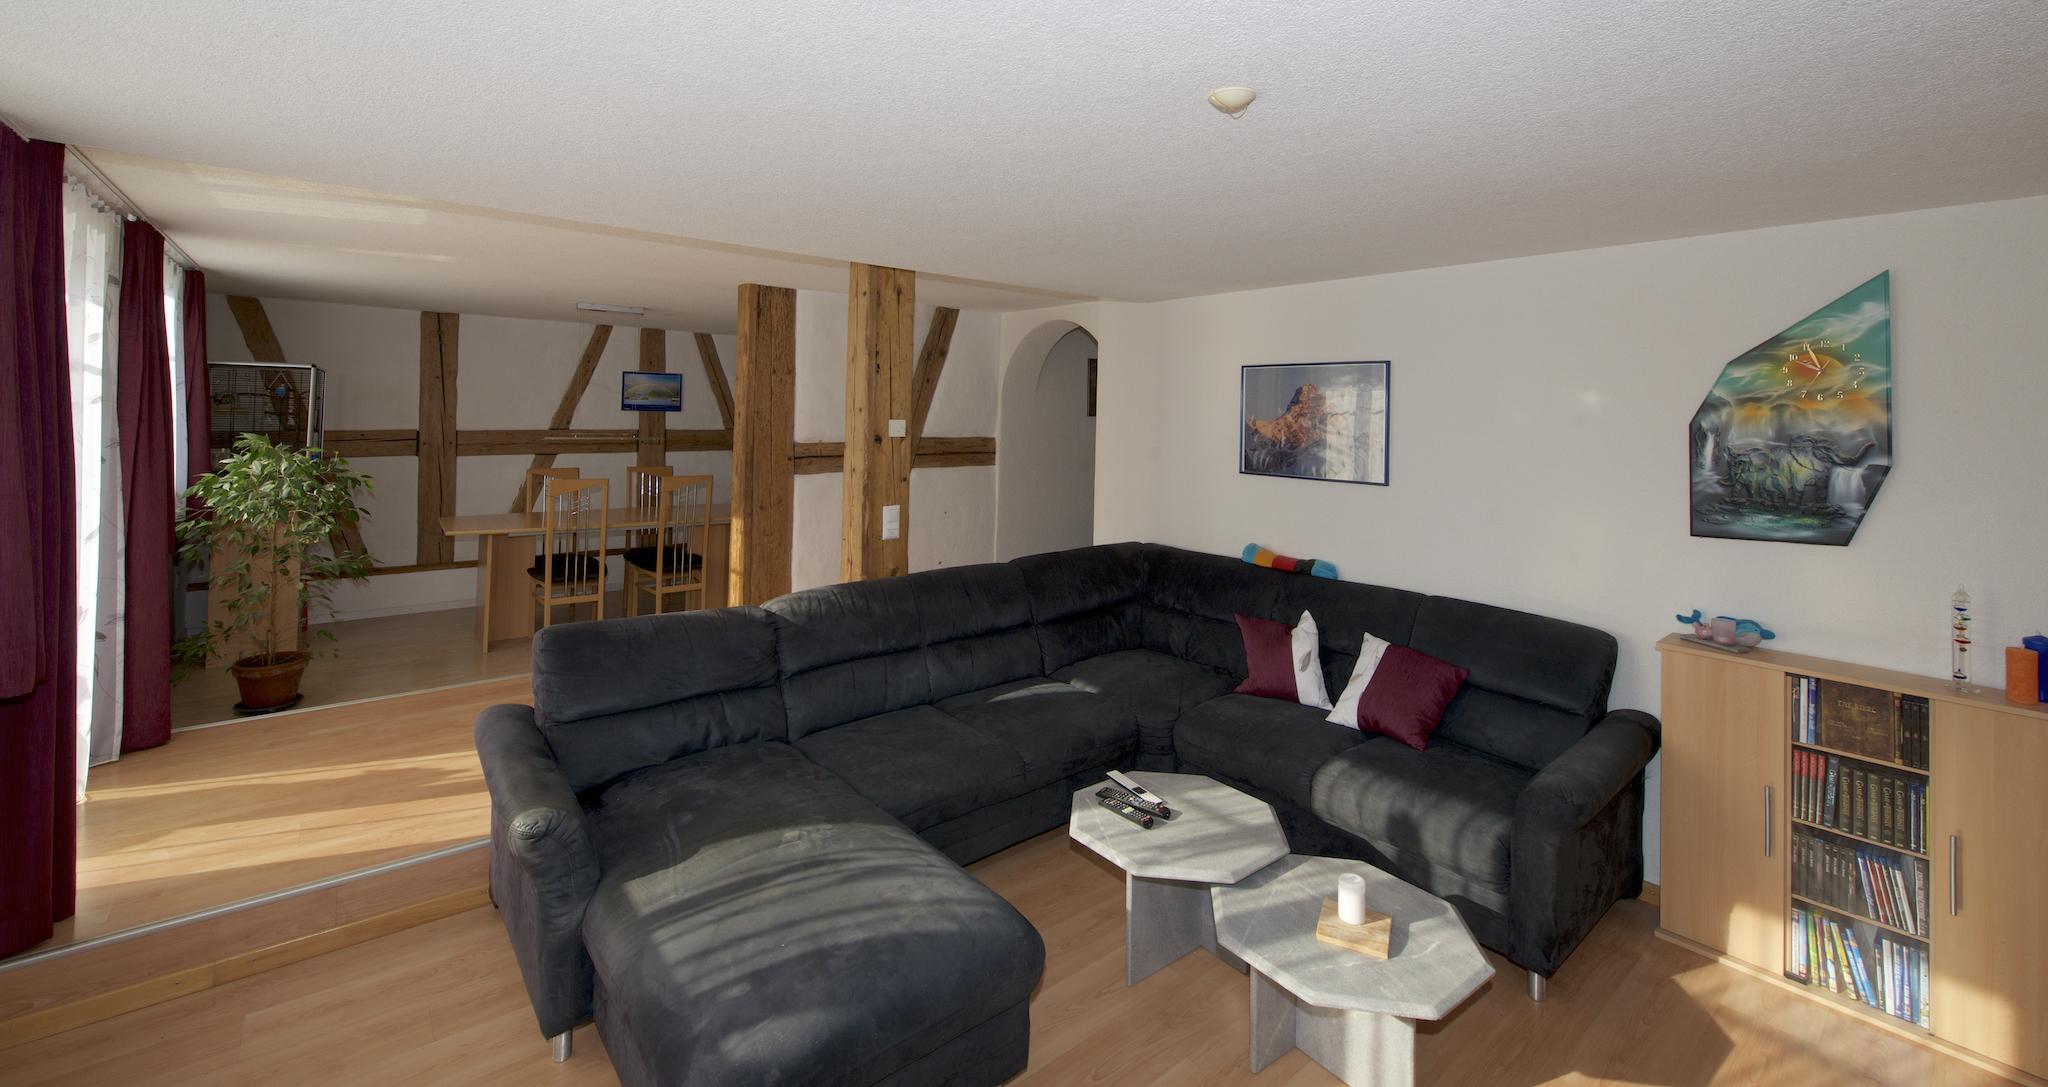 5 1 2 Zimmer Raumwunder In Mullheim